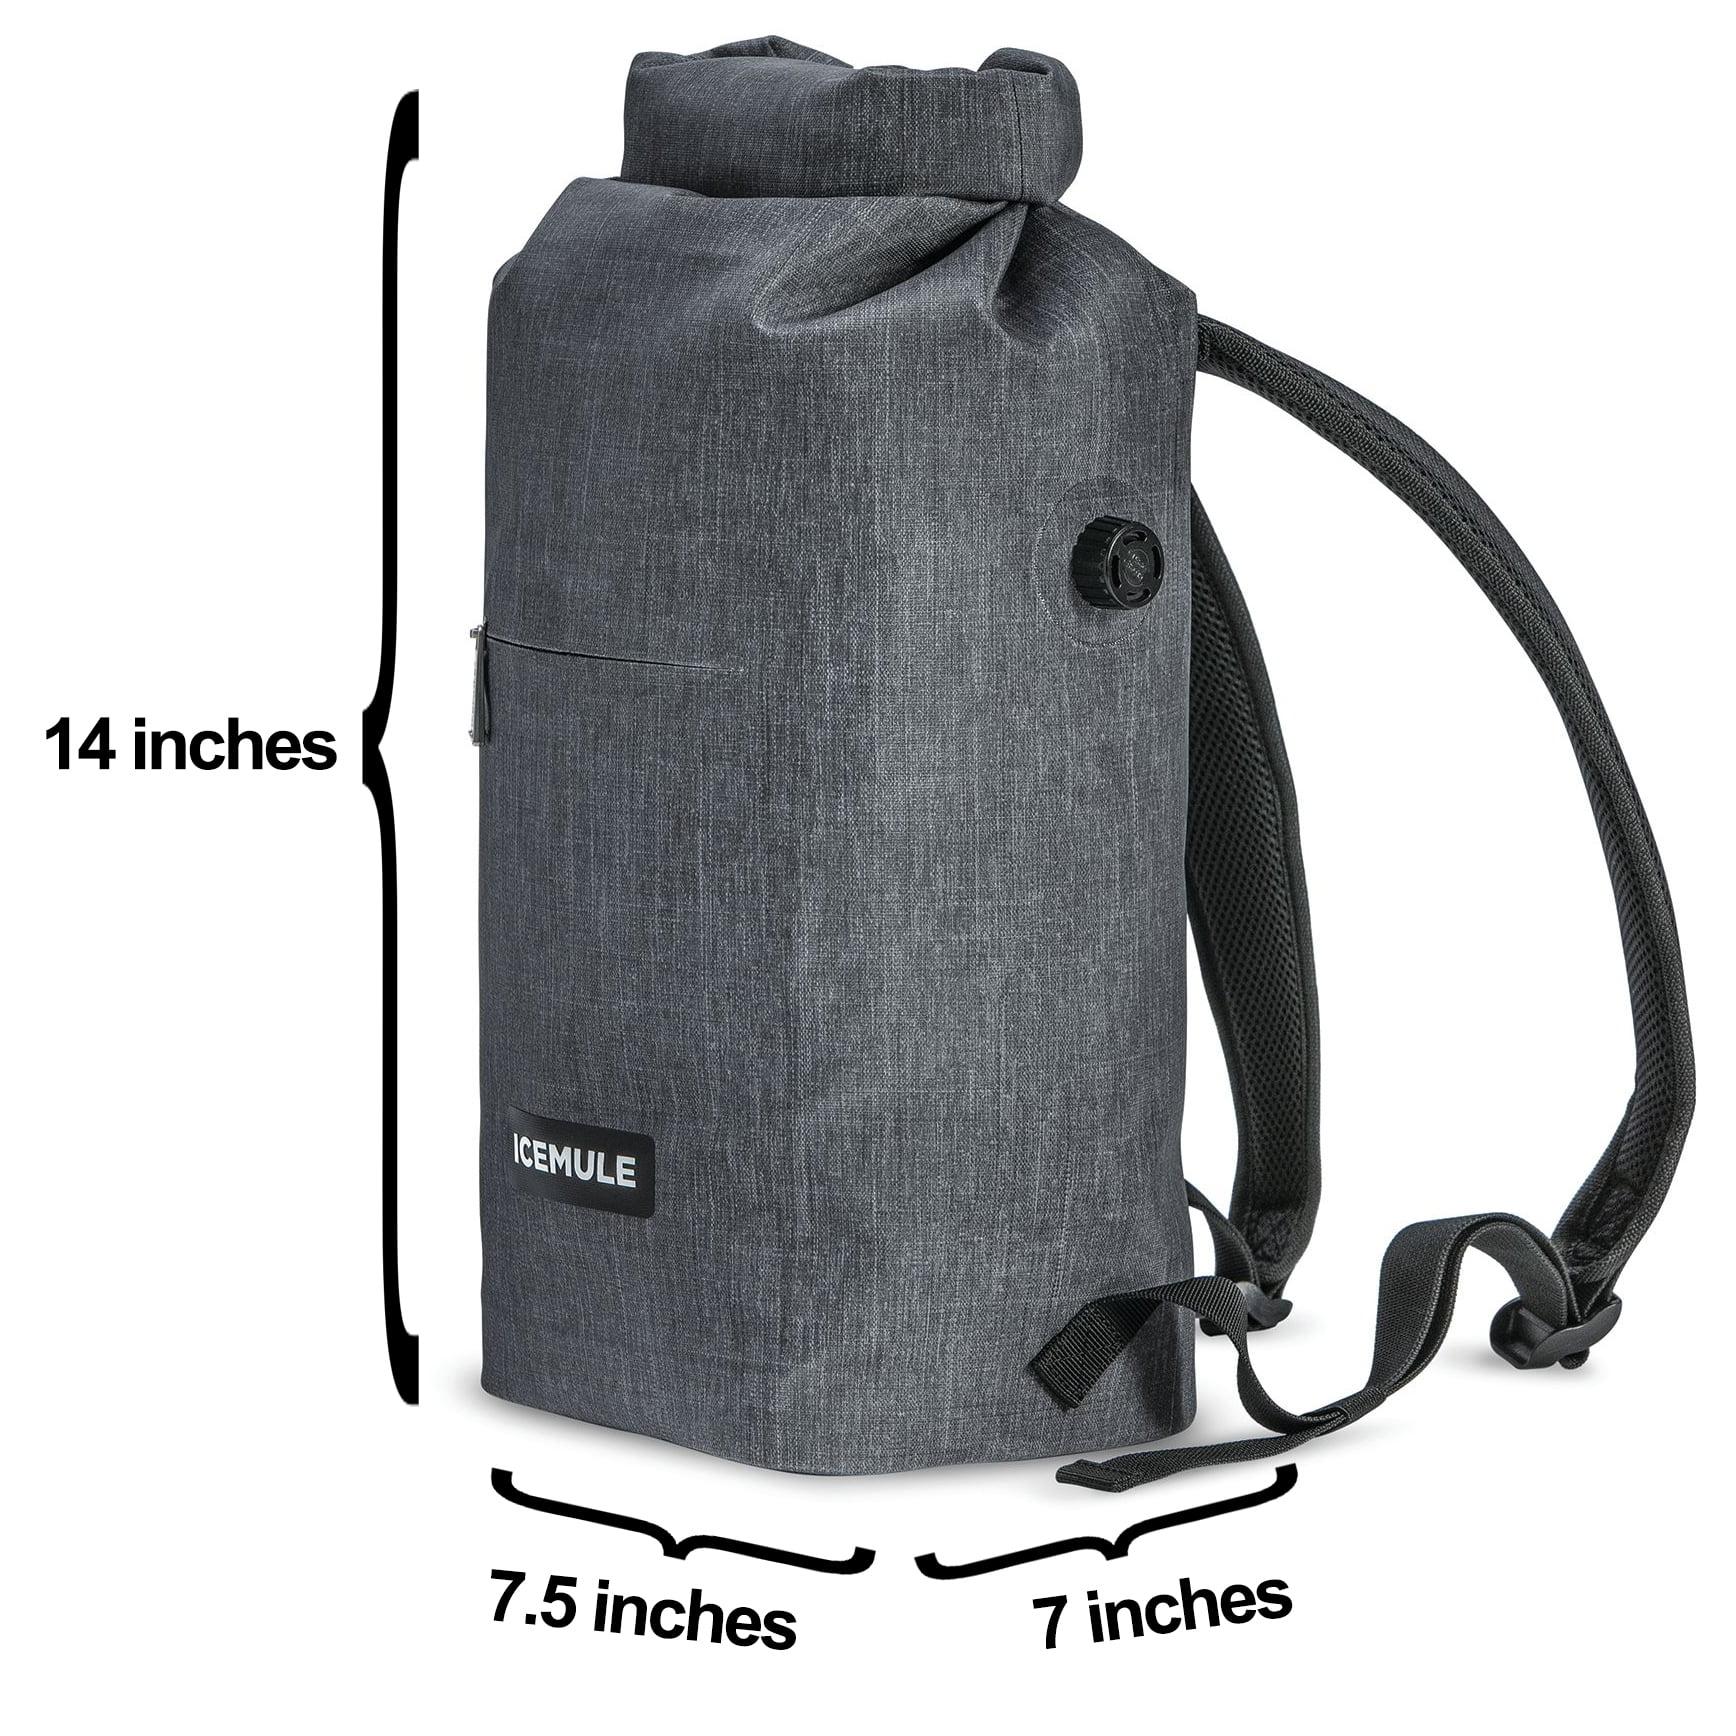 IceMule Devoe Designs Backpack